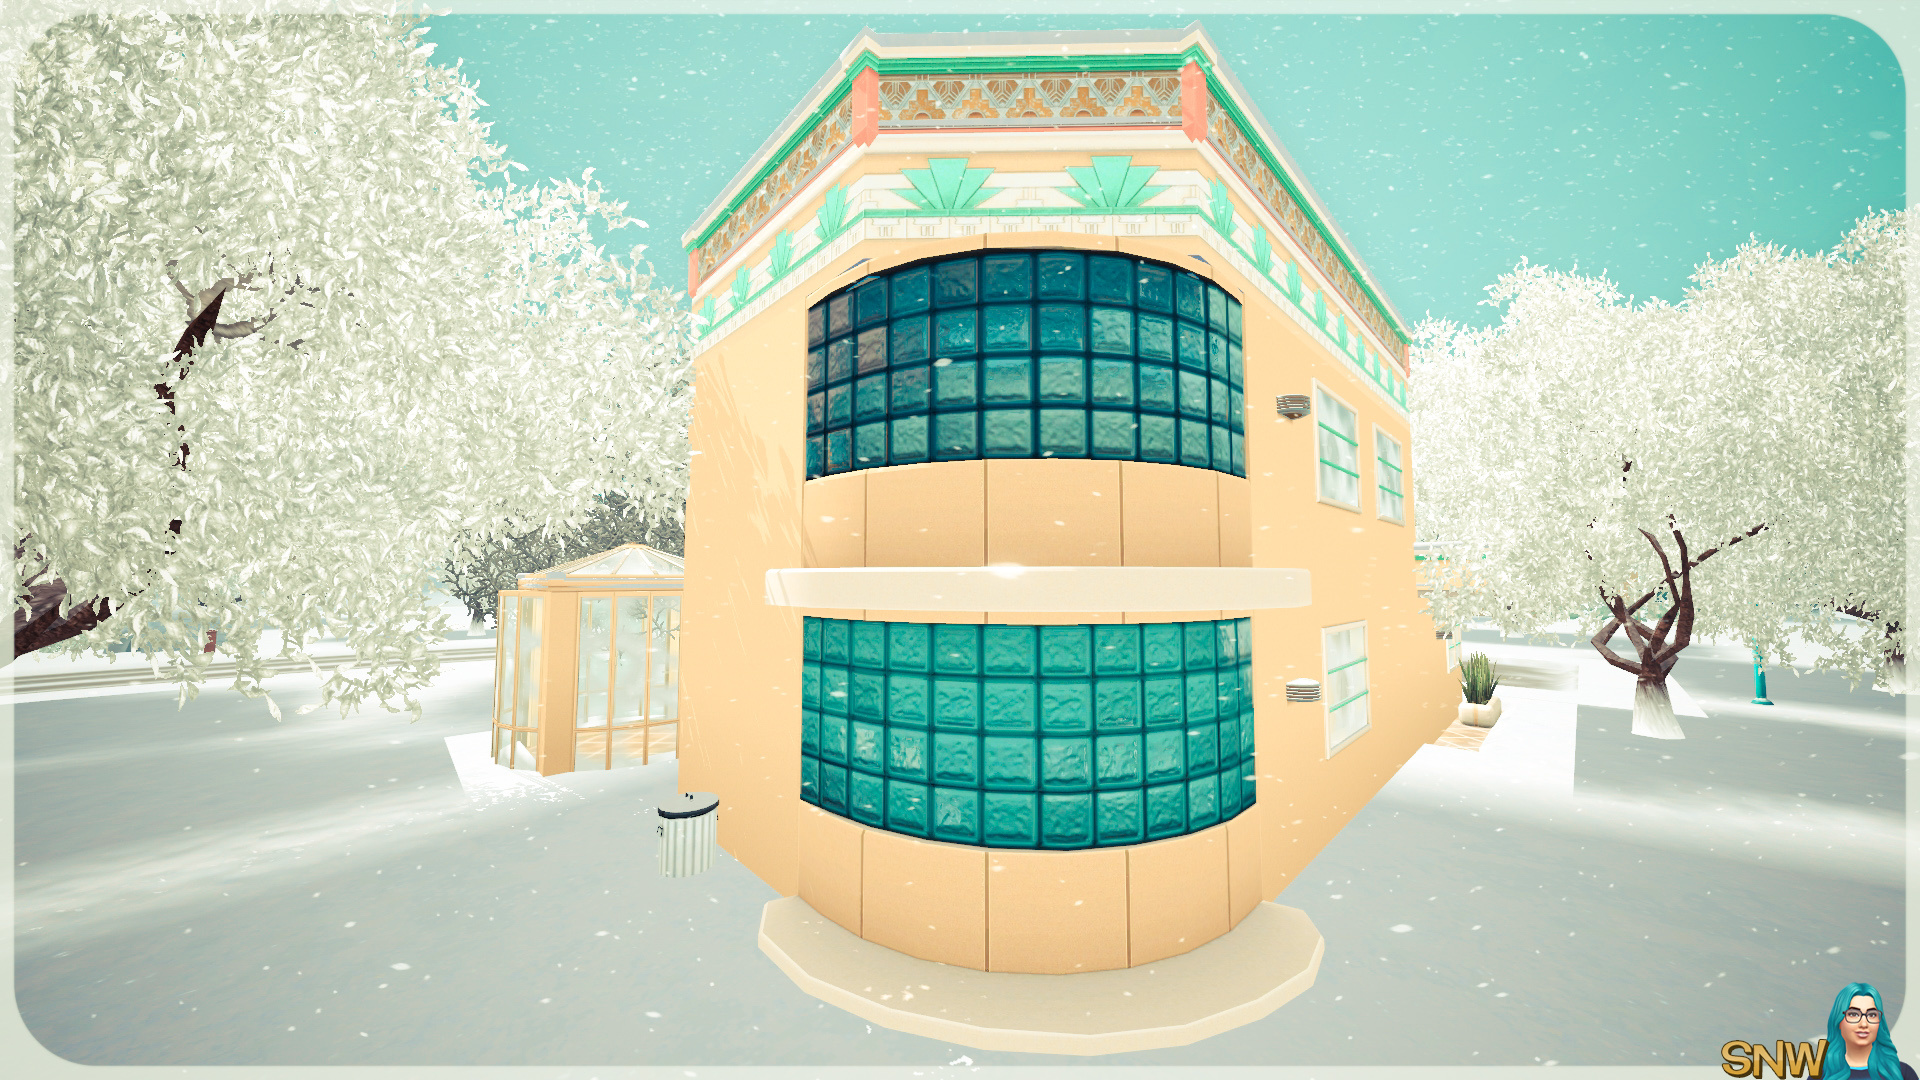 Zonnig art deco huis snw - Deco buitenkant huis ...